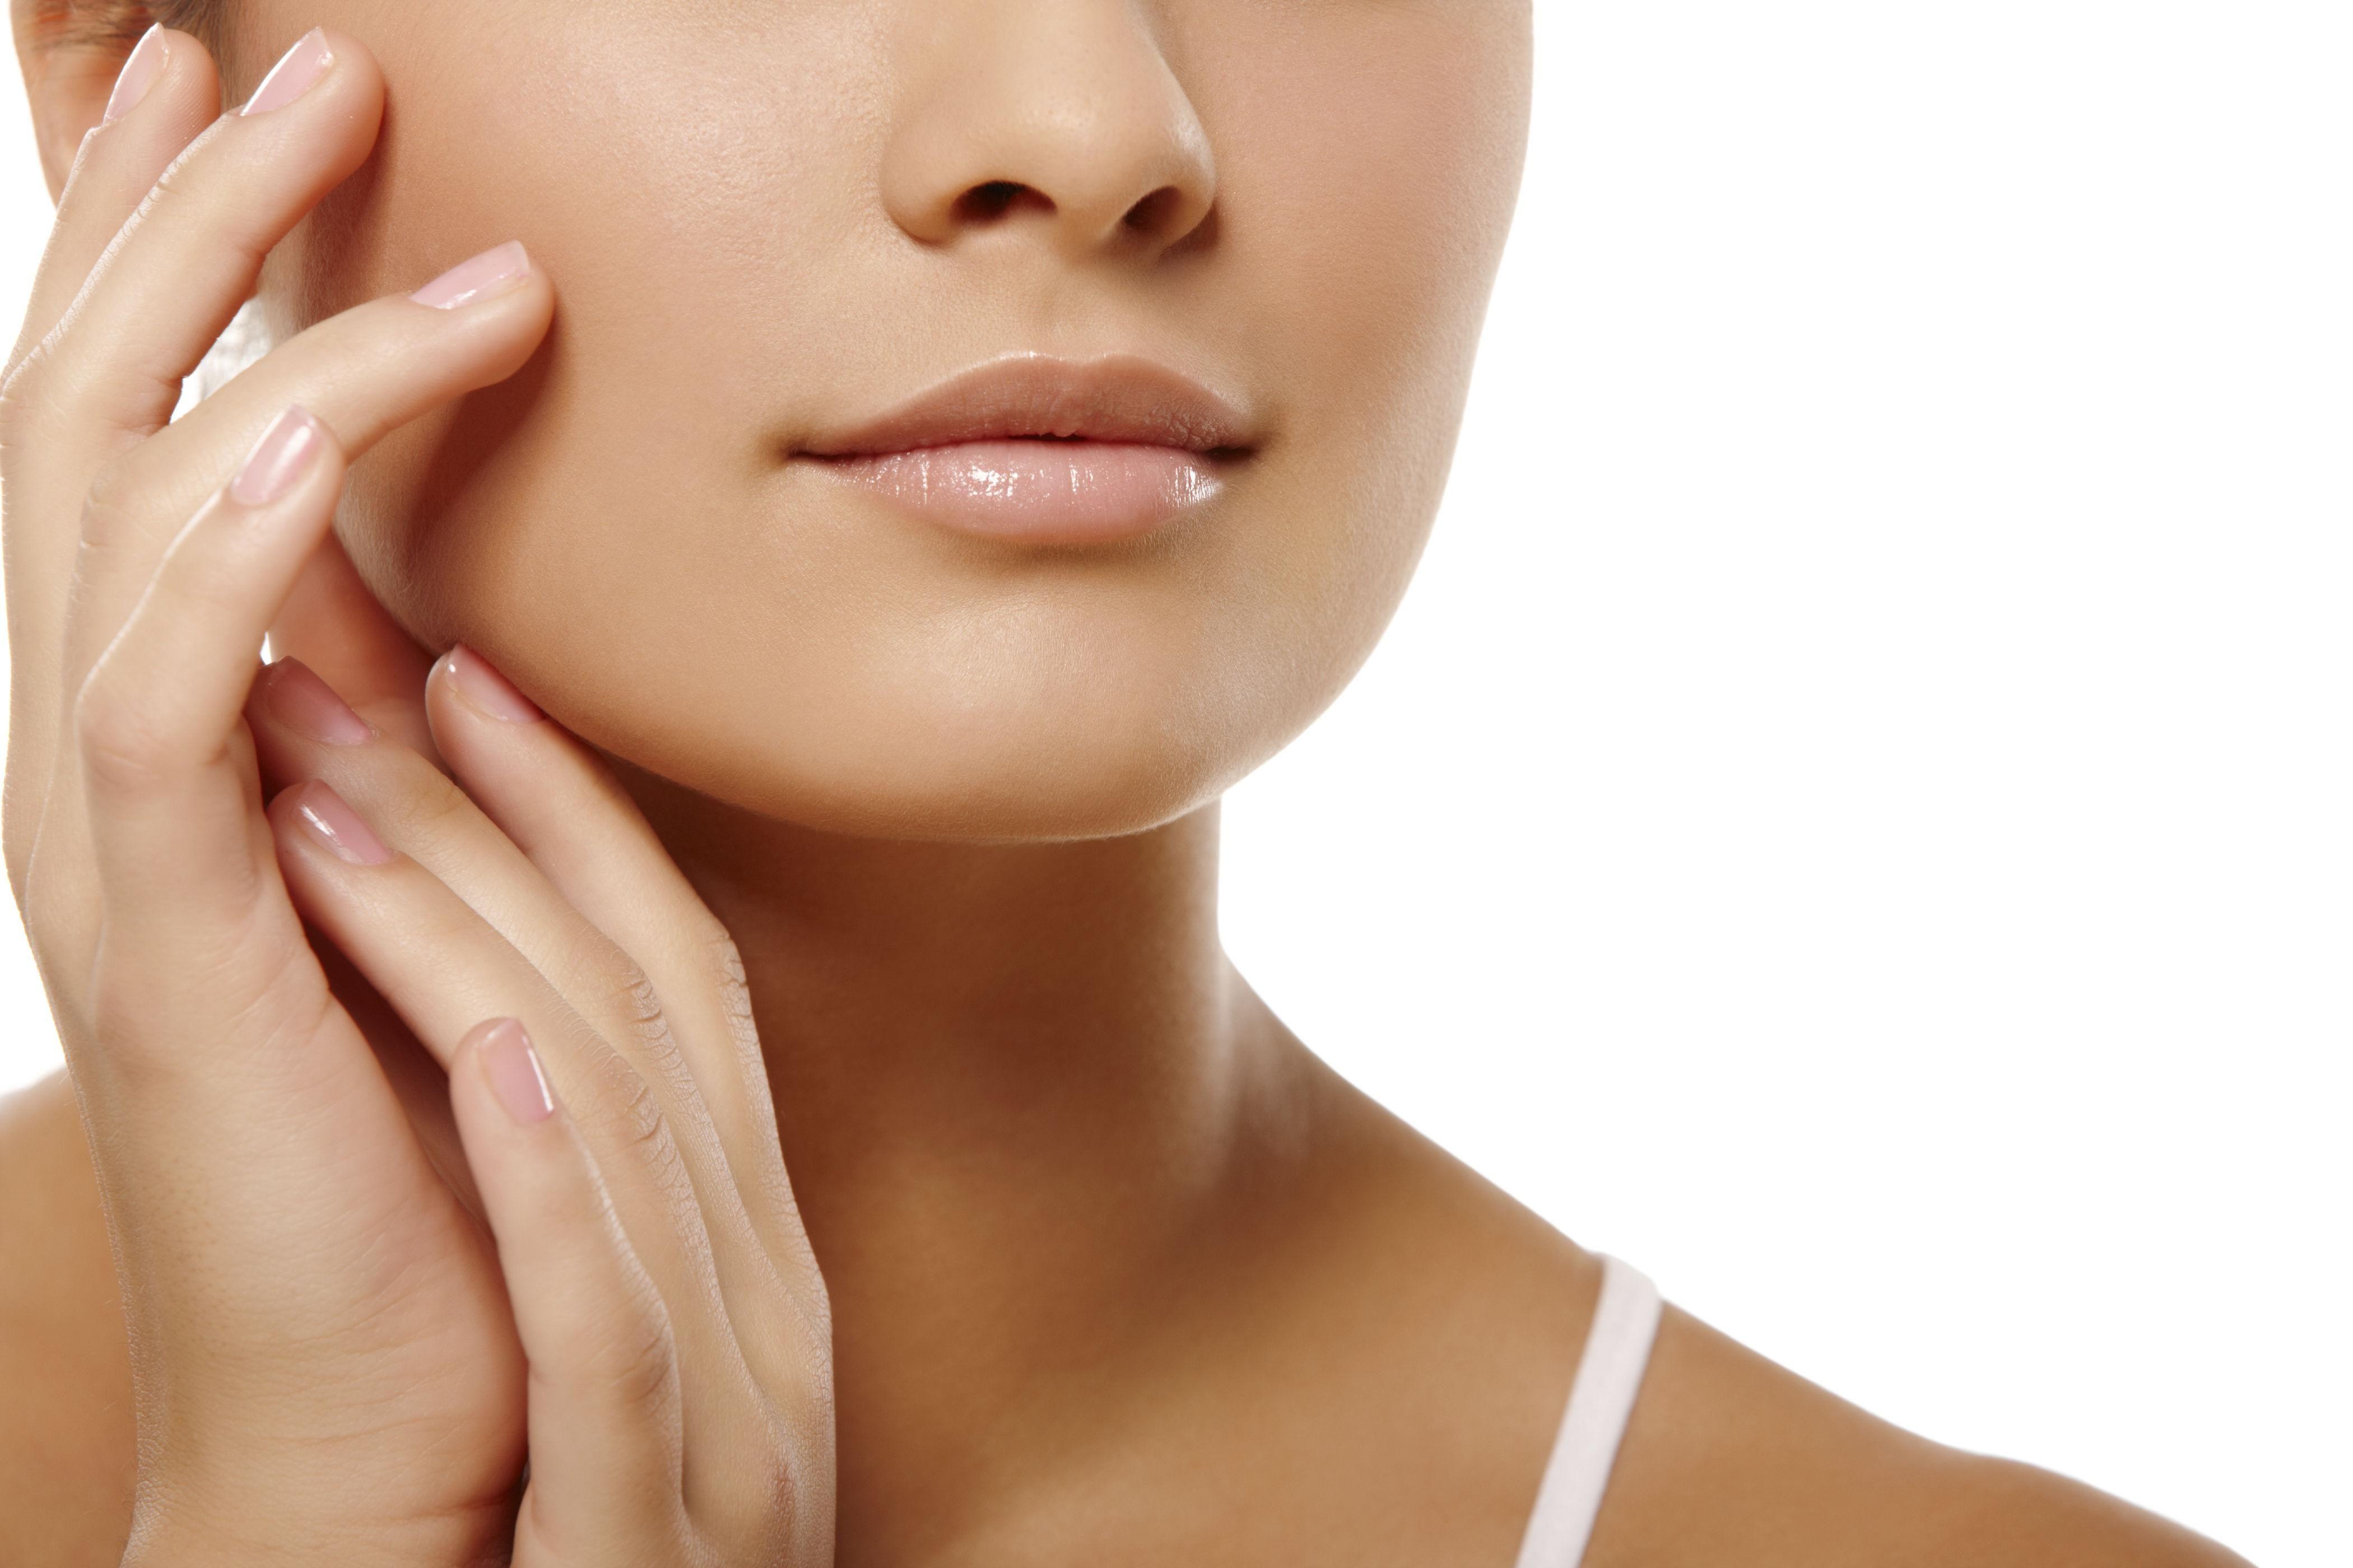 Secretos para conseguir los labios perfectos, sensuales y atractivos